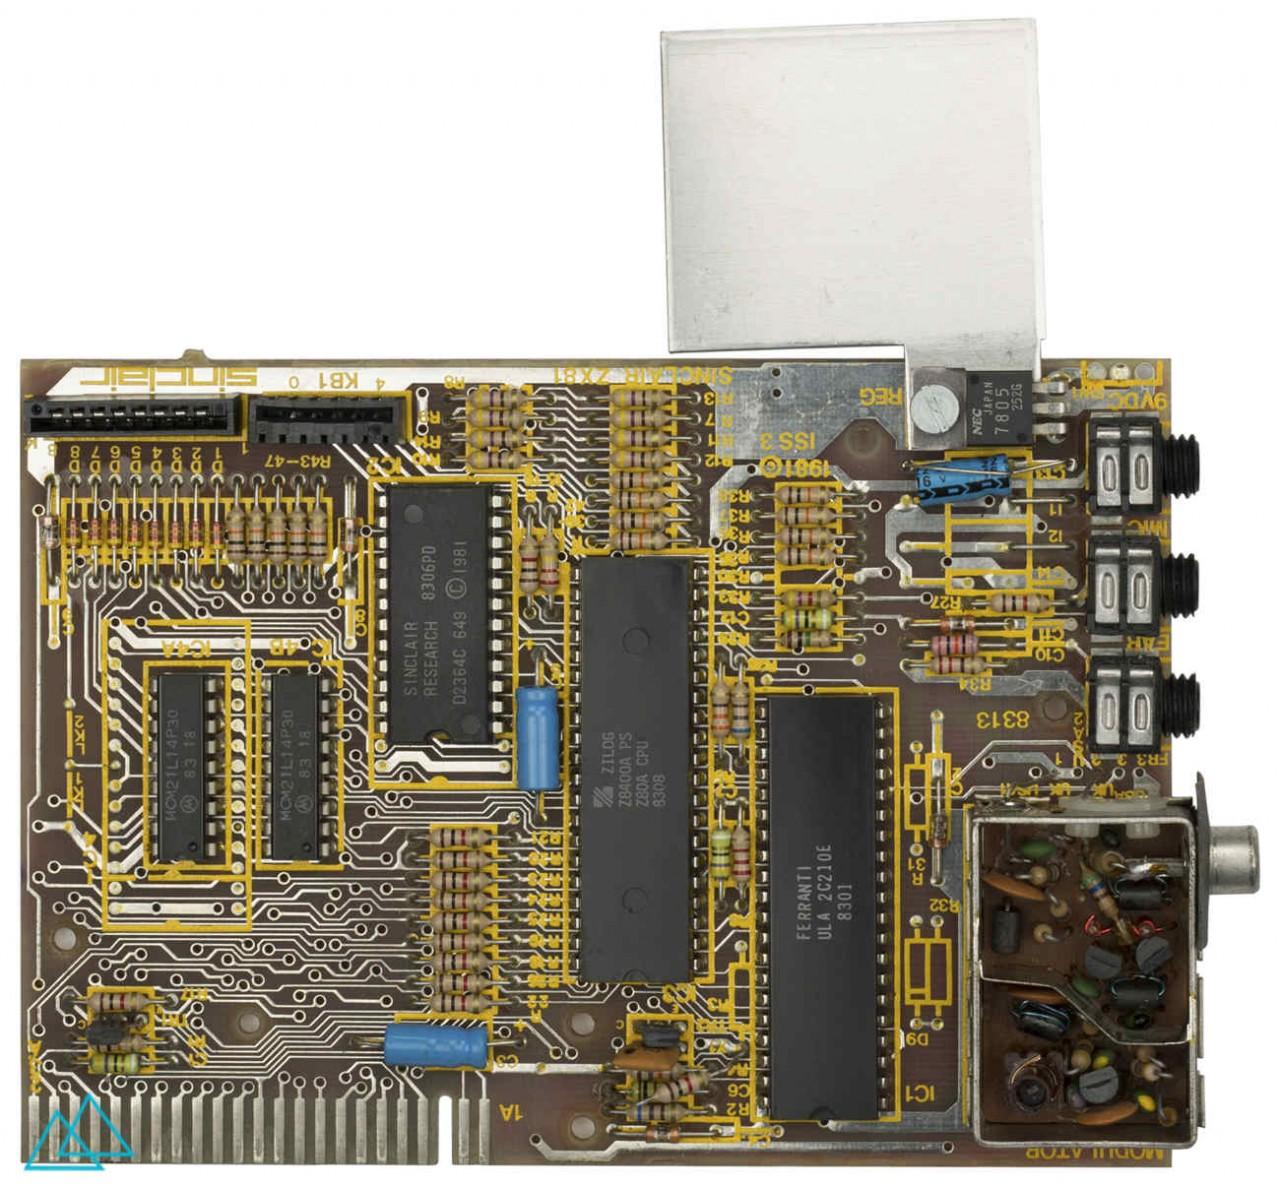 # 129.1 Sinclair ZX 81 Main Board